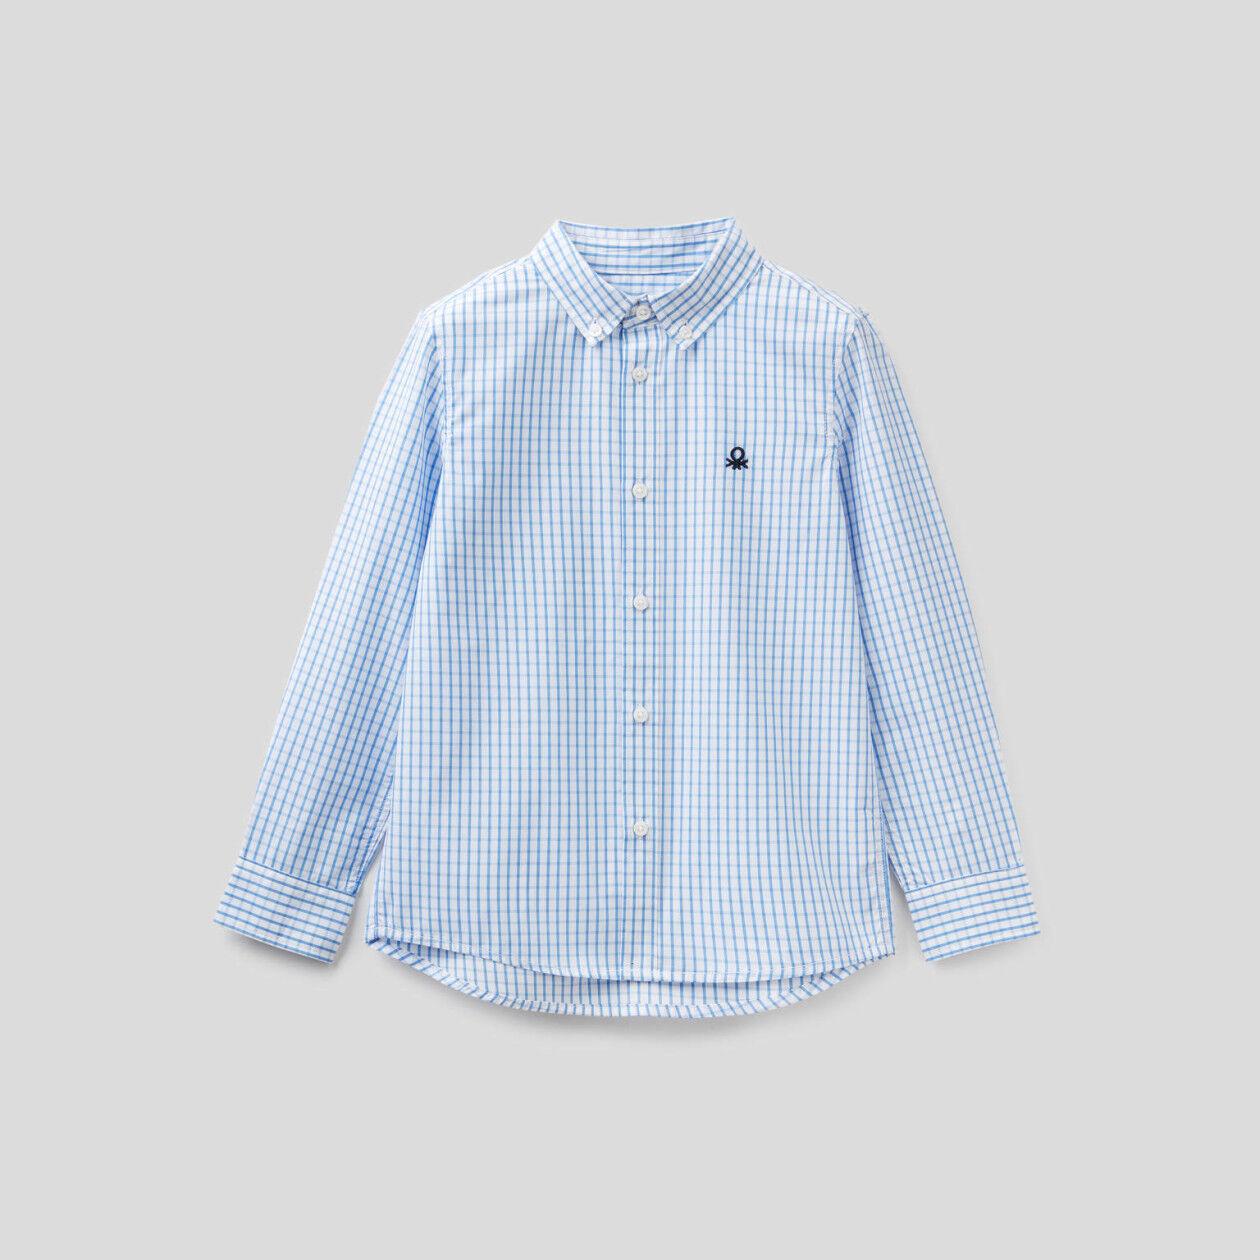 Camisa desportiva aos quadrados em algodão puro